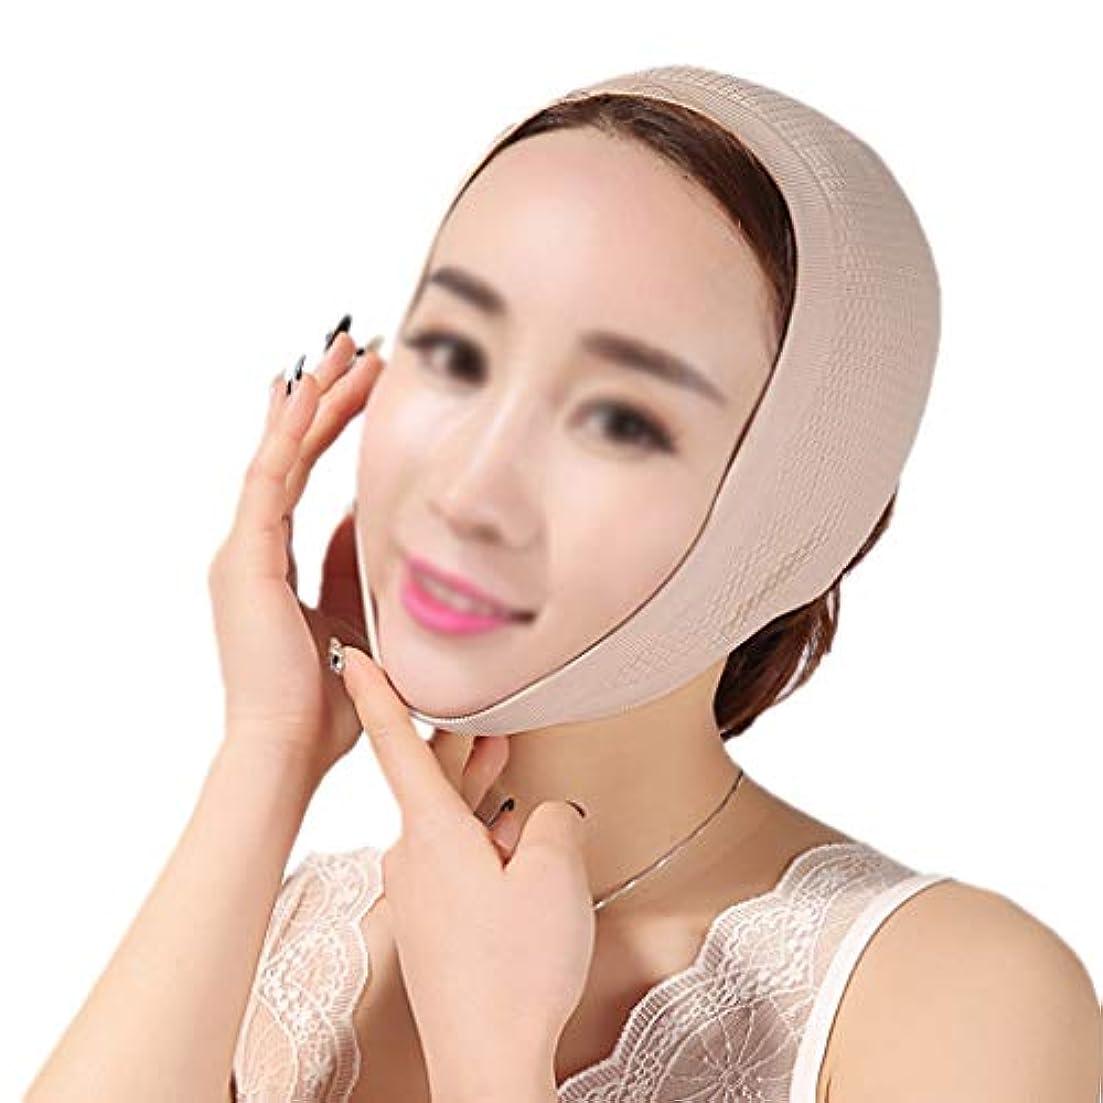 圧縮頑丈少ないXHLMRMJ フェイスリフティングマスク、フェイスリフティング包帯、しわ防止マスク、フェイスリフティングベルト(ワンサイズ)